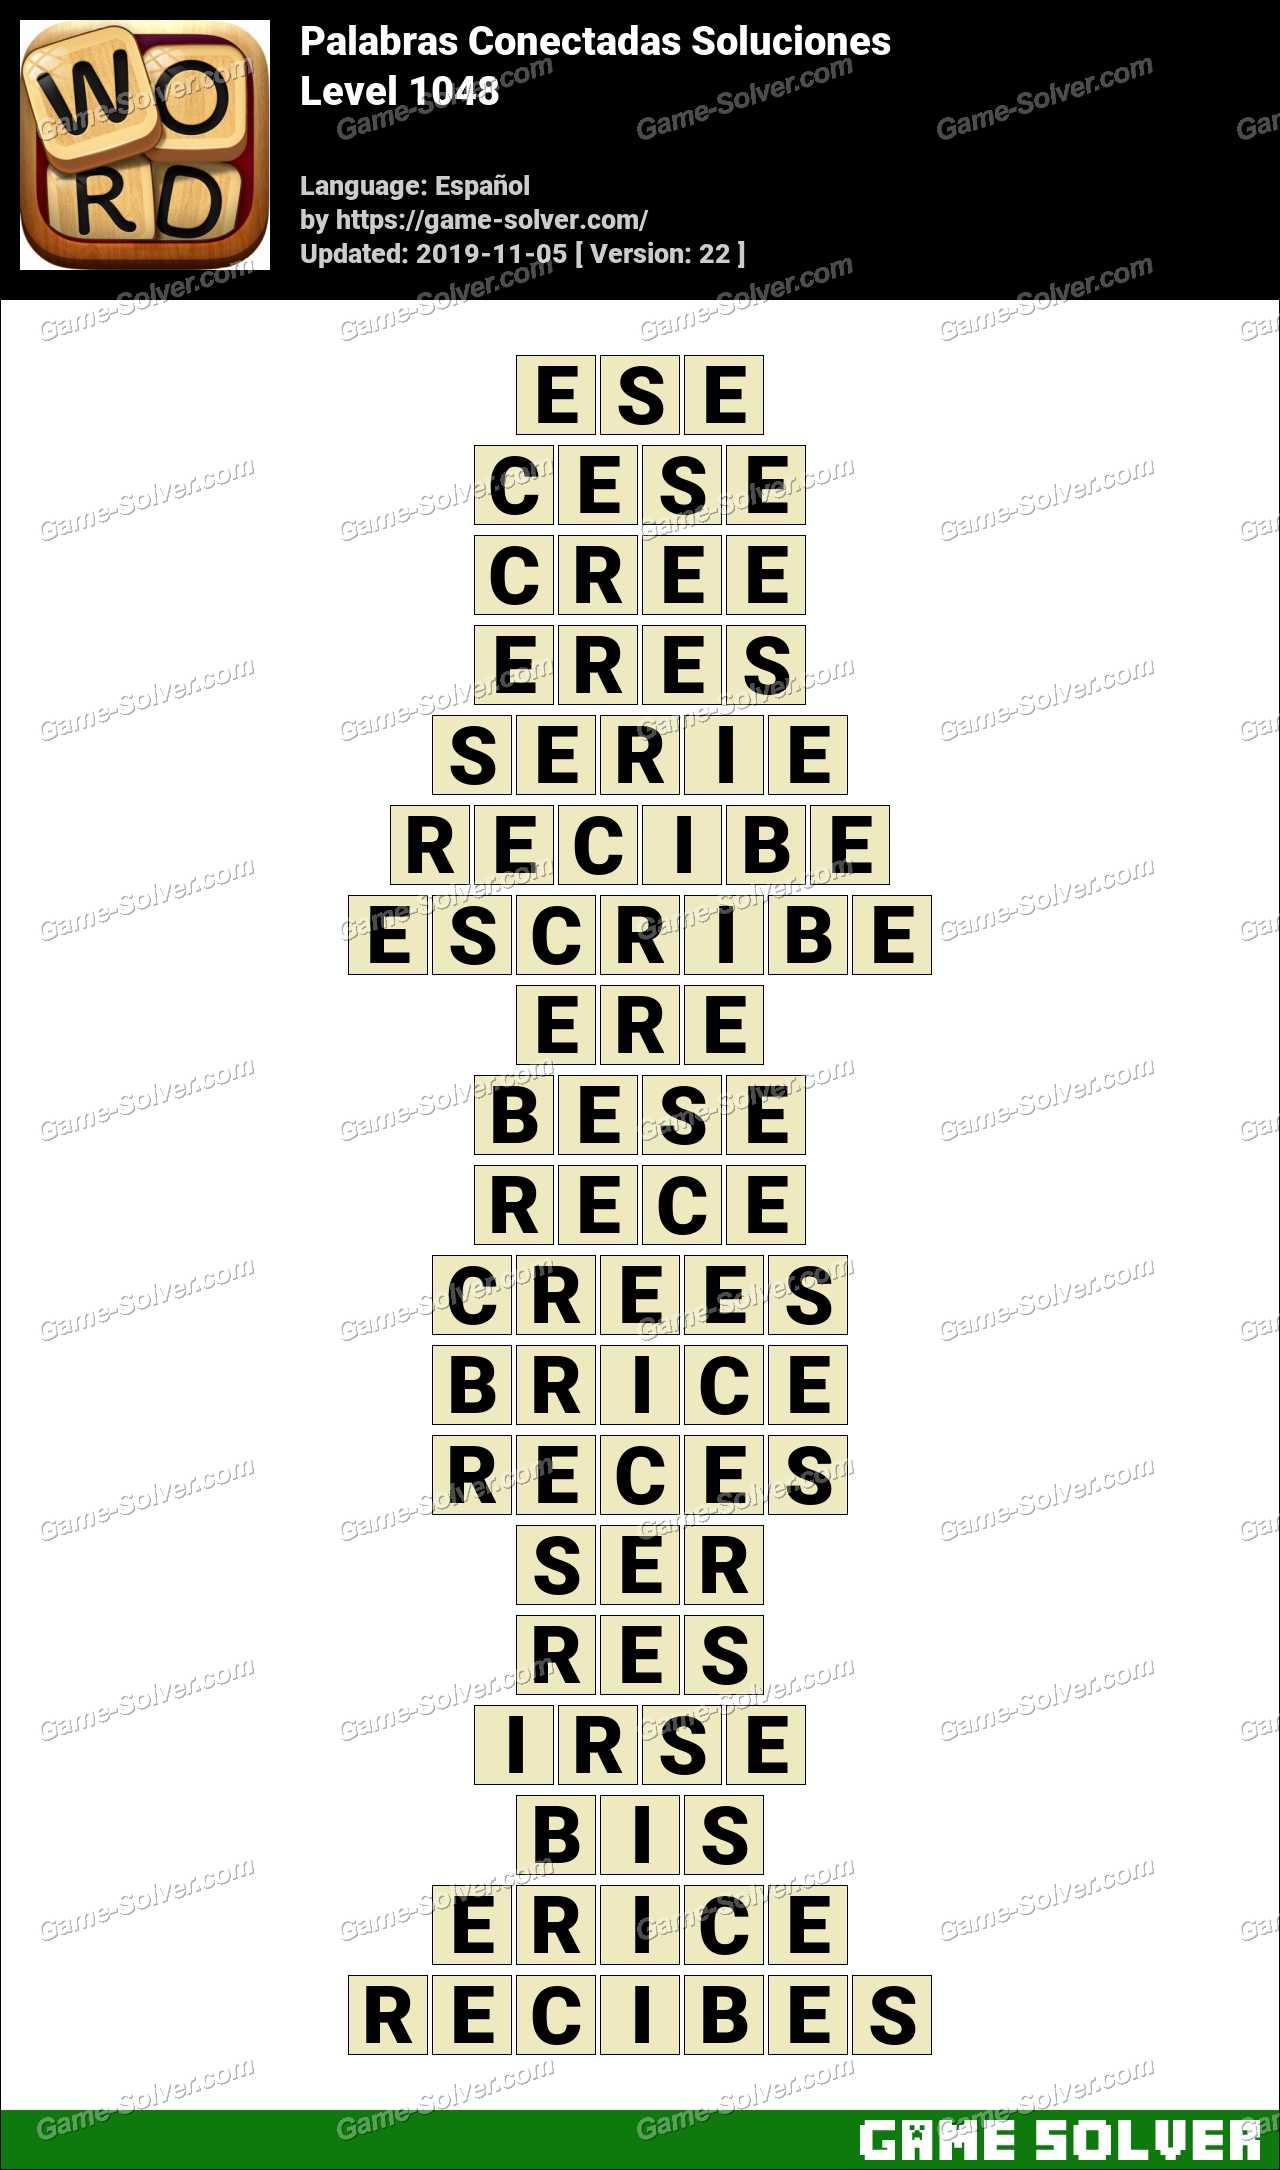 Palabras Conectadas Nivel 1048 Soluciones